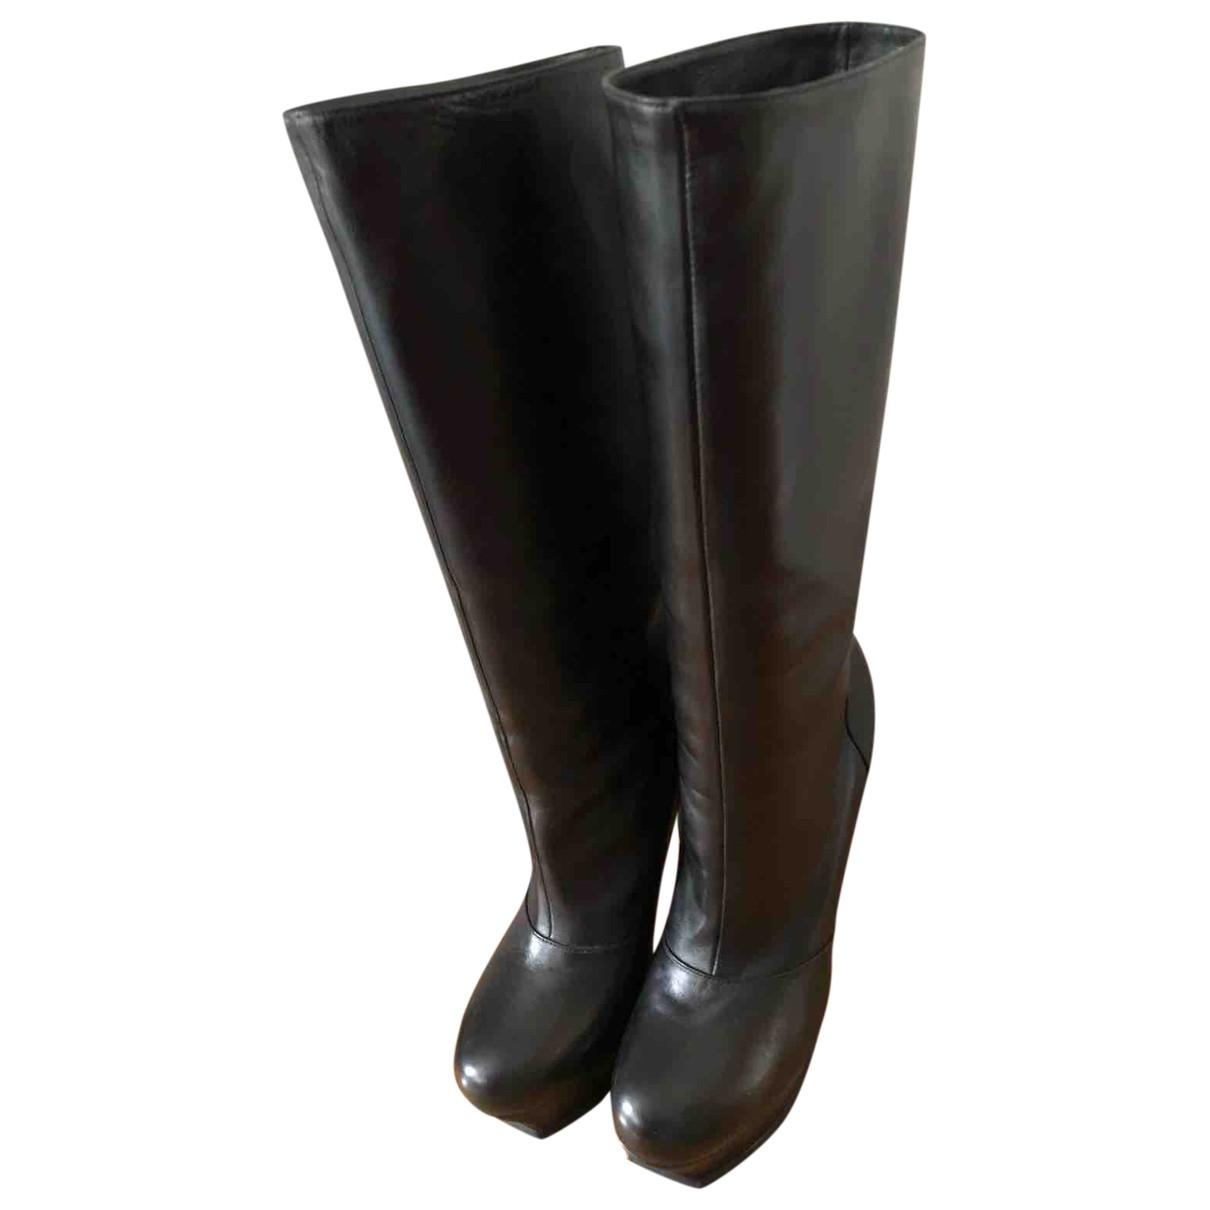 Yves Saint Laurent - Bottes   pour femme en cuir - noir